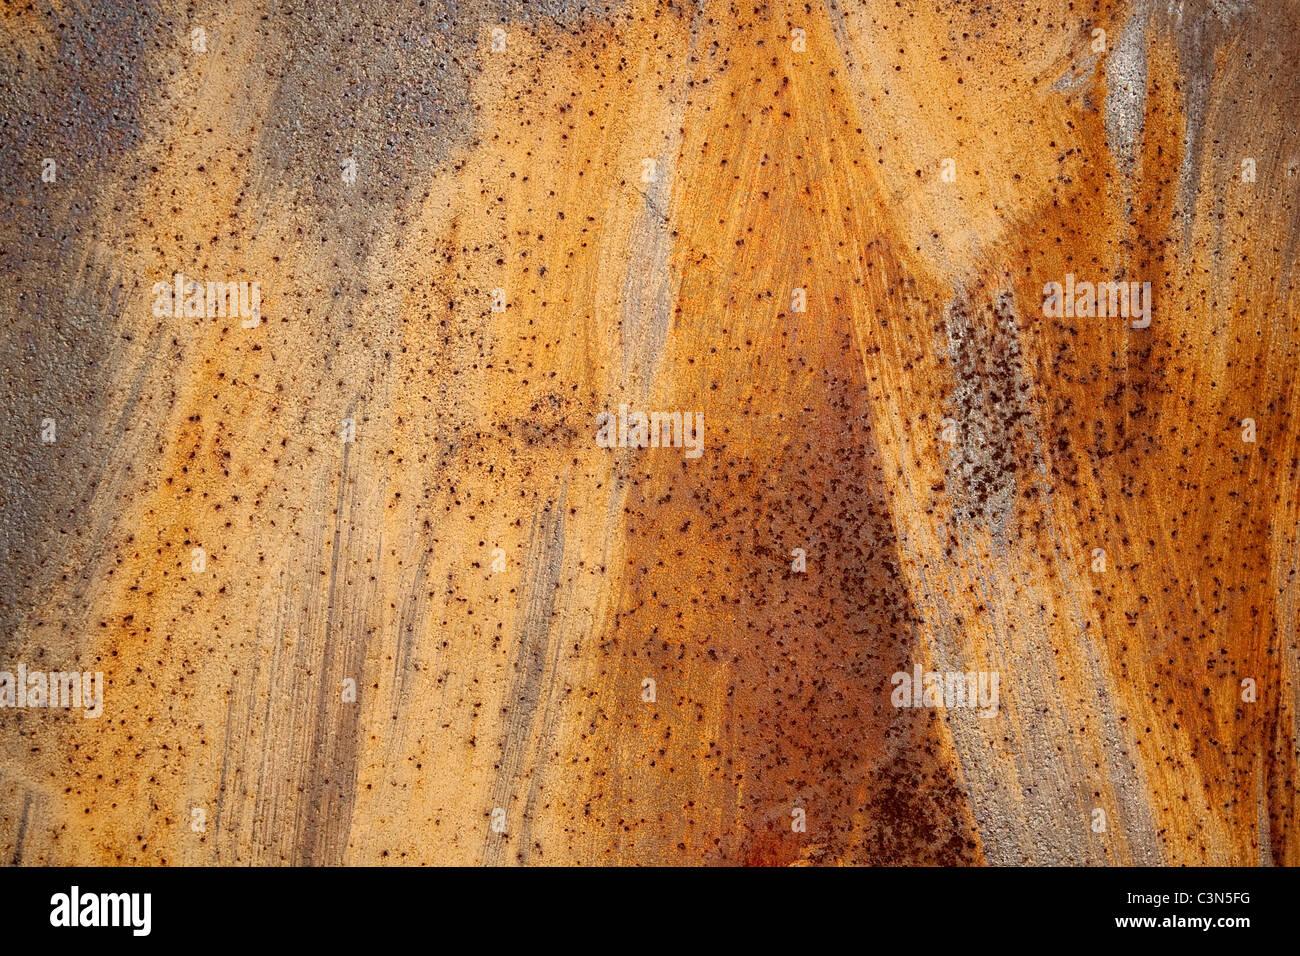 La fotografía muestra un oxidado metall fondo con scrachted superficie. Imagen De Stock